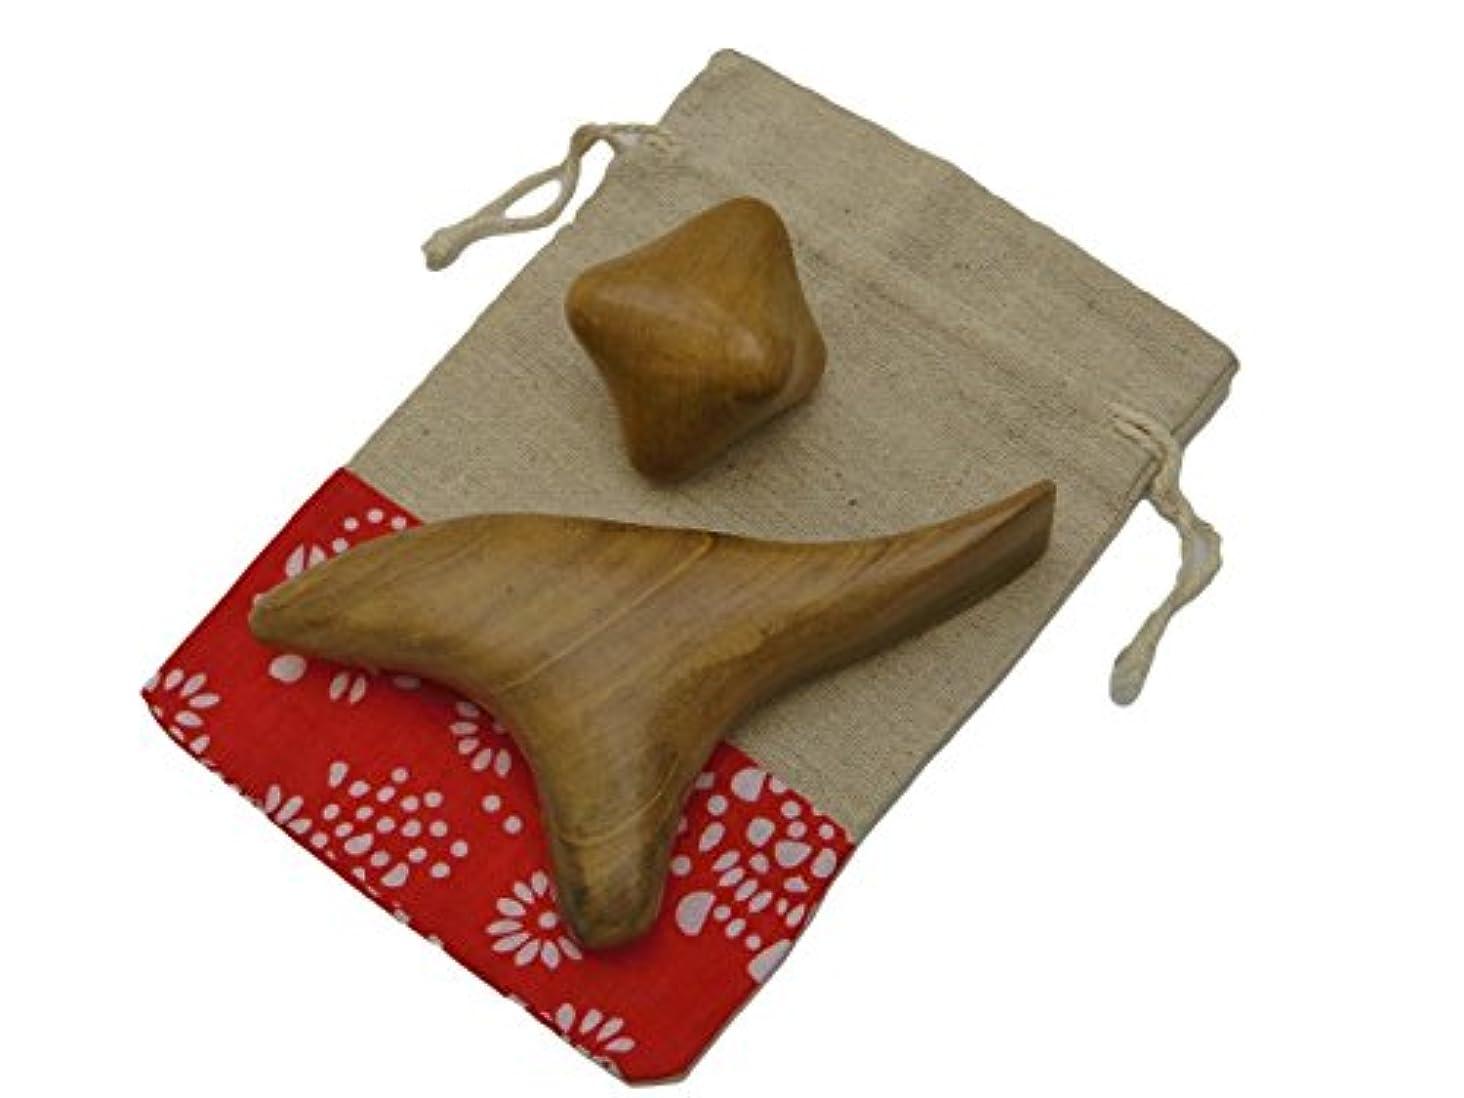 Import miscellaneous goods 木製 指圧 棒 ツボ 押し マッサージ 玉 リンパ 足 手 つぼ かっさ 2